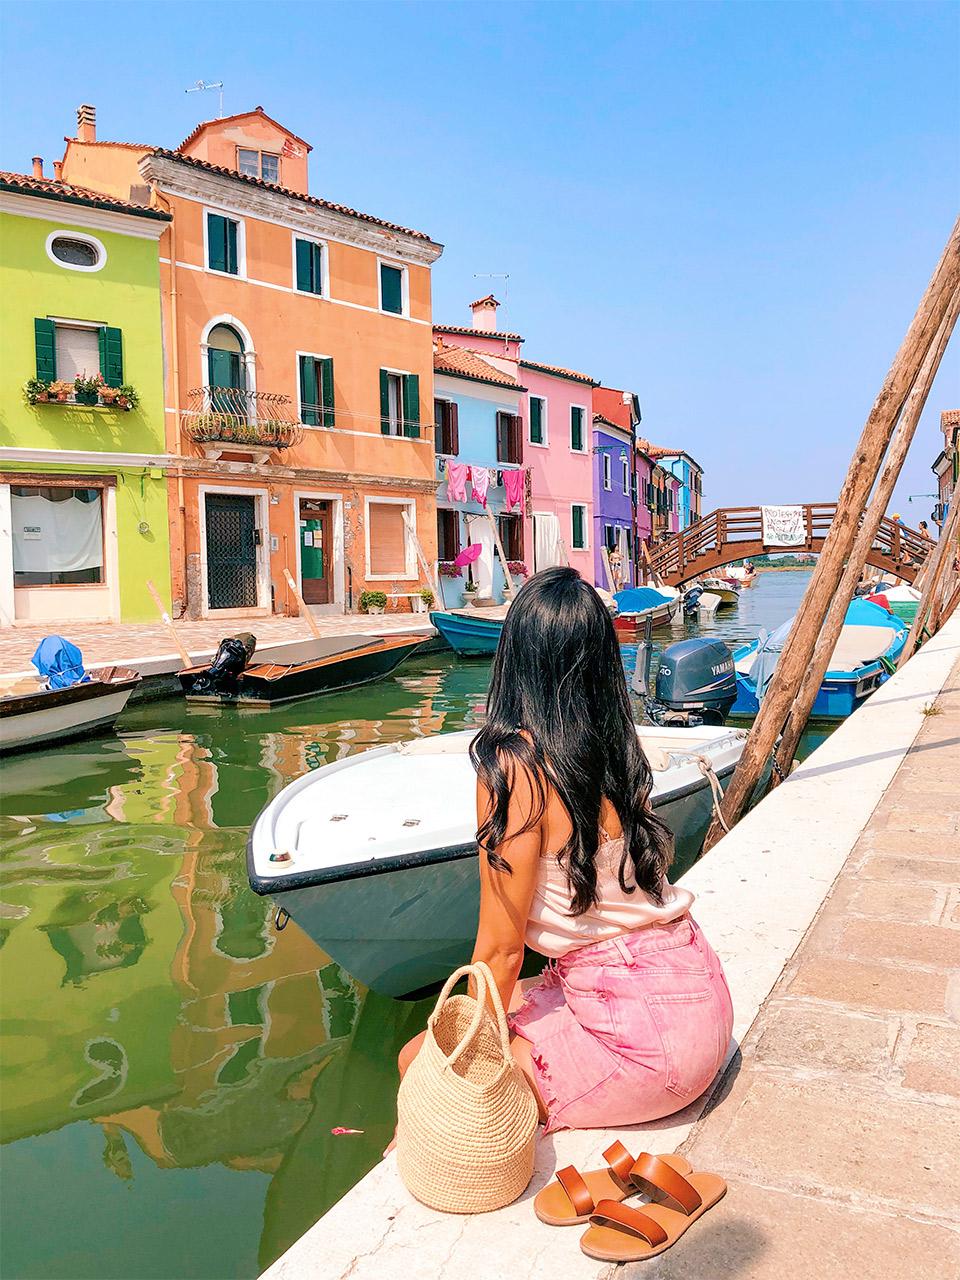 que-hacer-en-Venecia,-visitar-Burano,-los-lugares-mas-coloridos-del-mundo